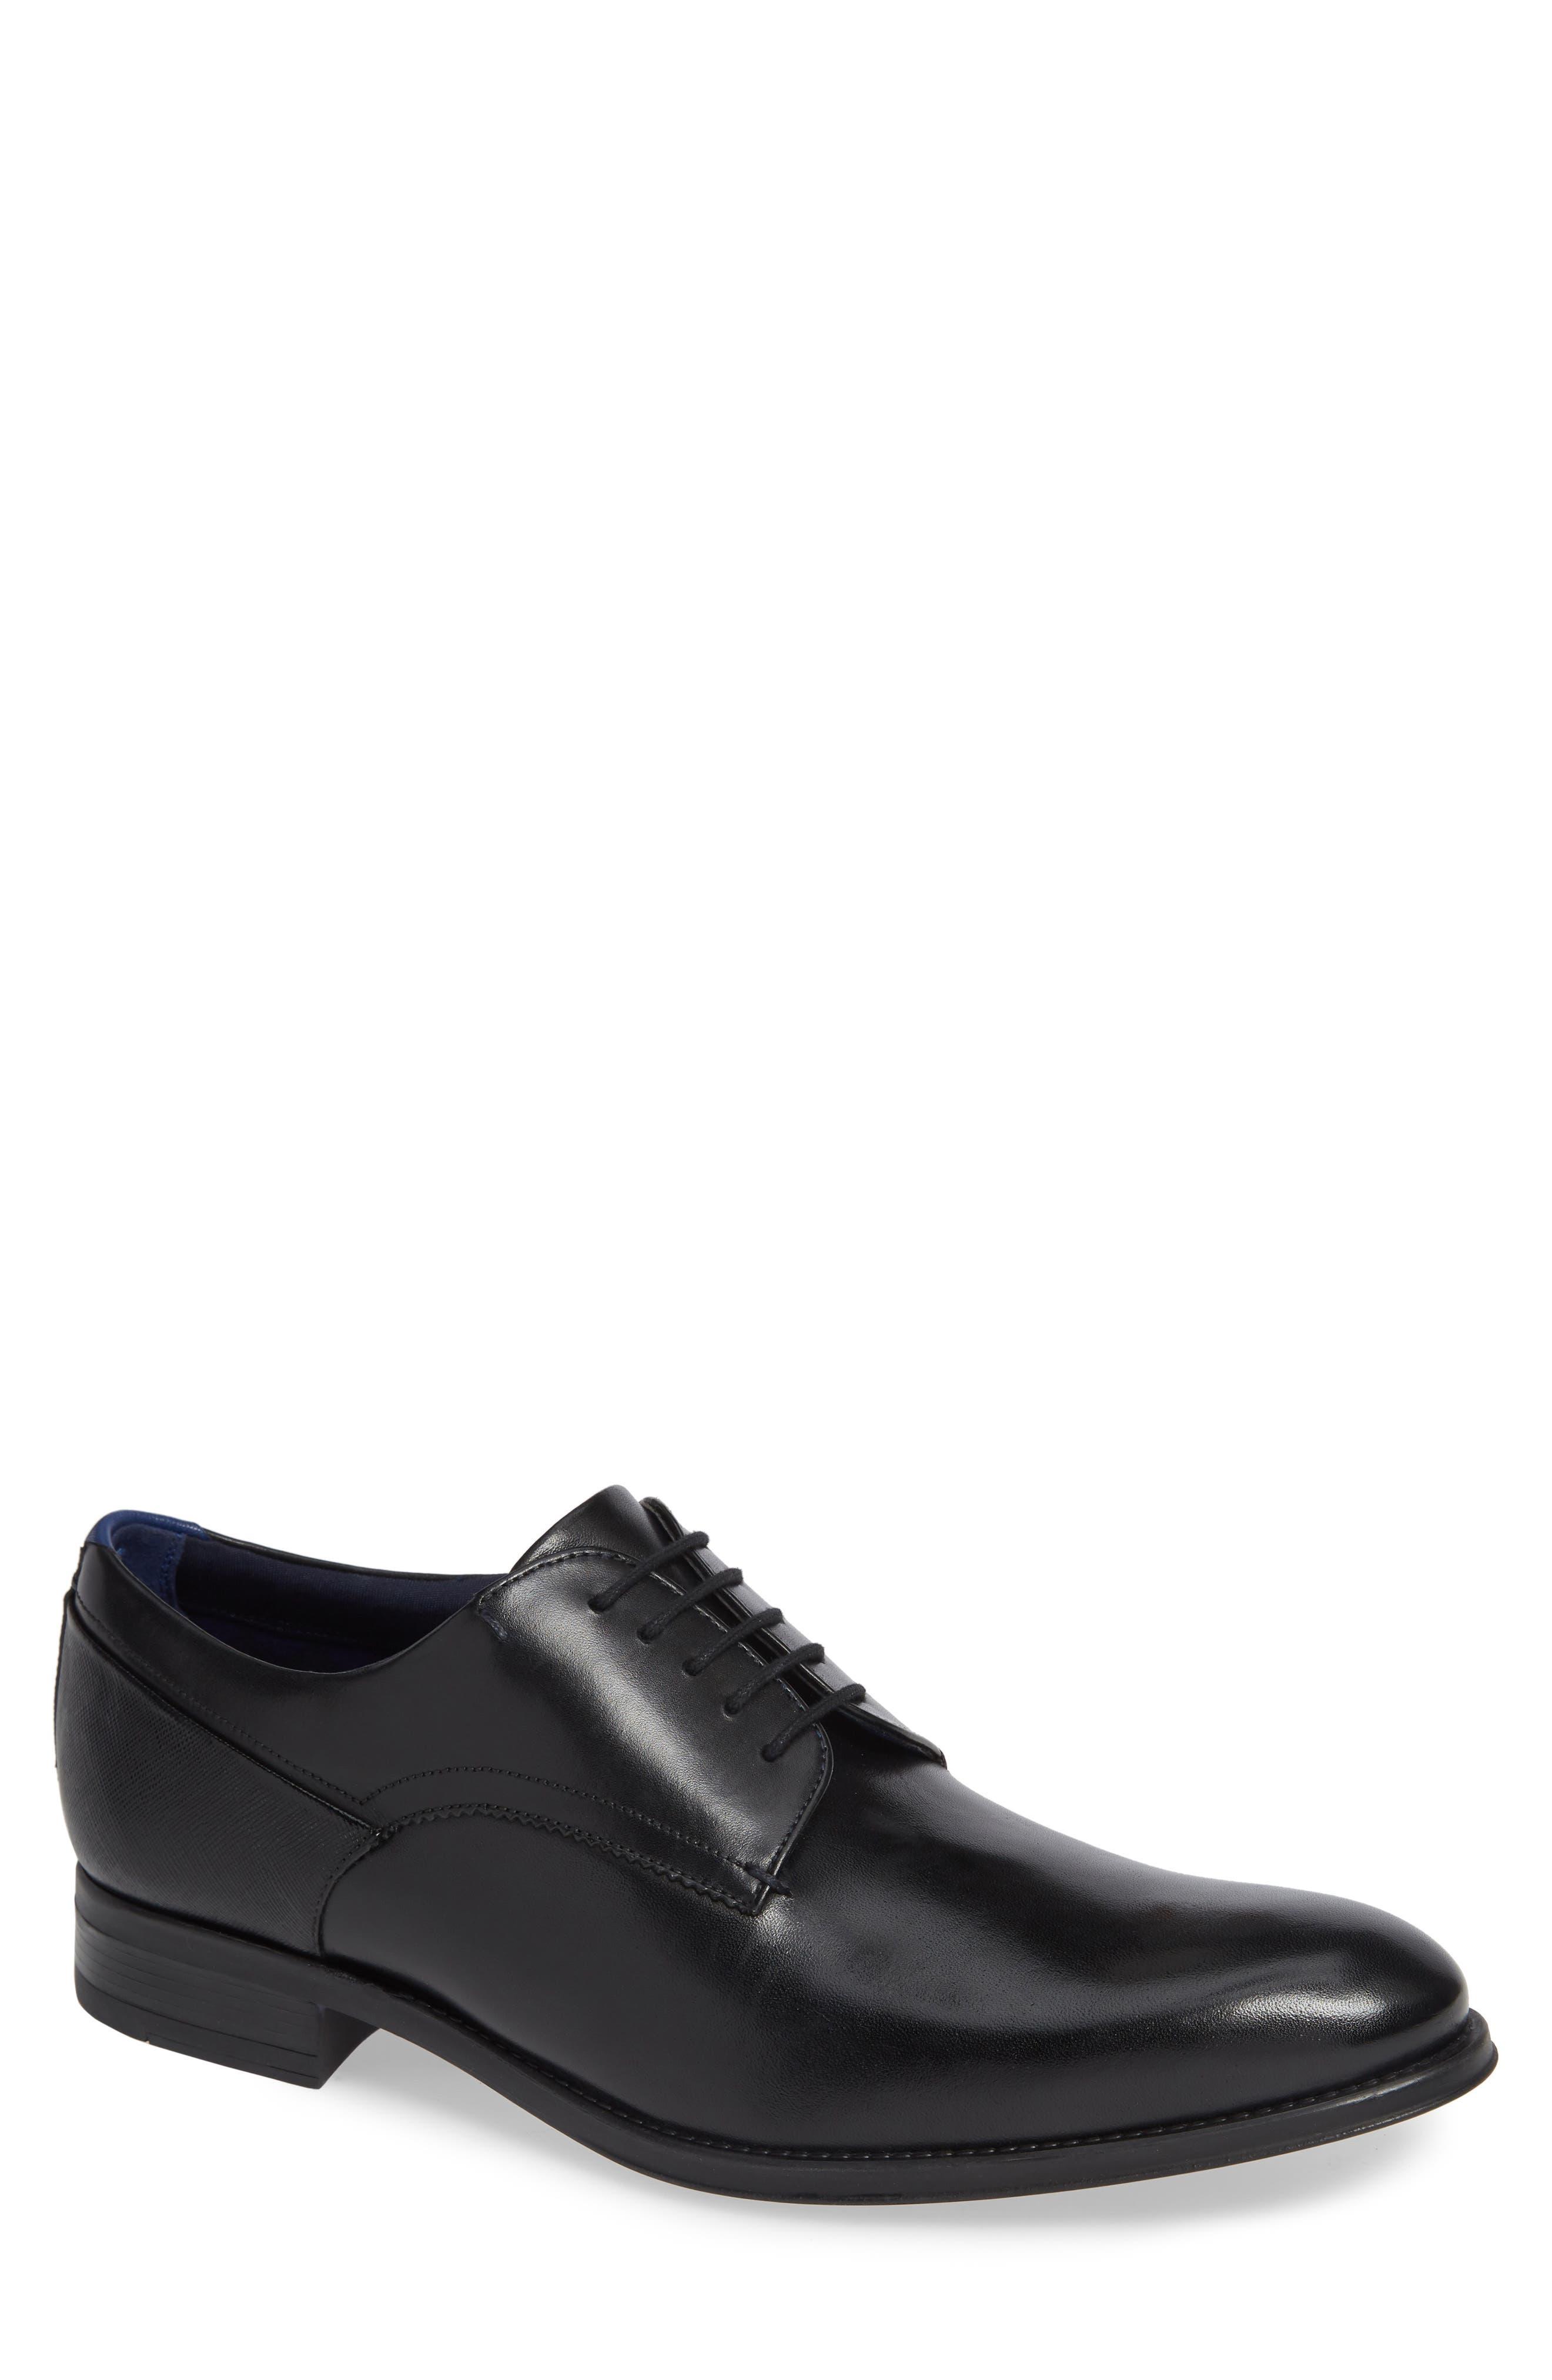 Jusdim Plain Toe Derby,                         Main,                         color, BLACK